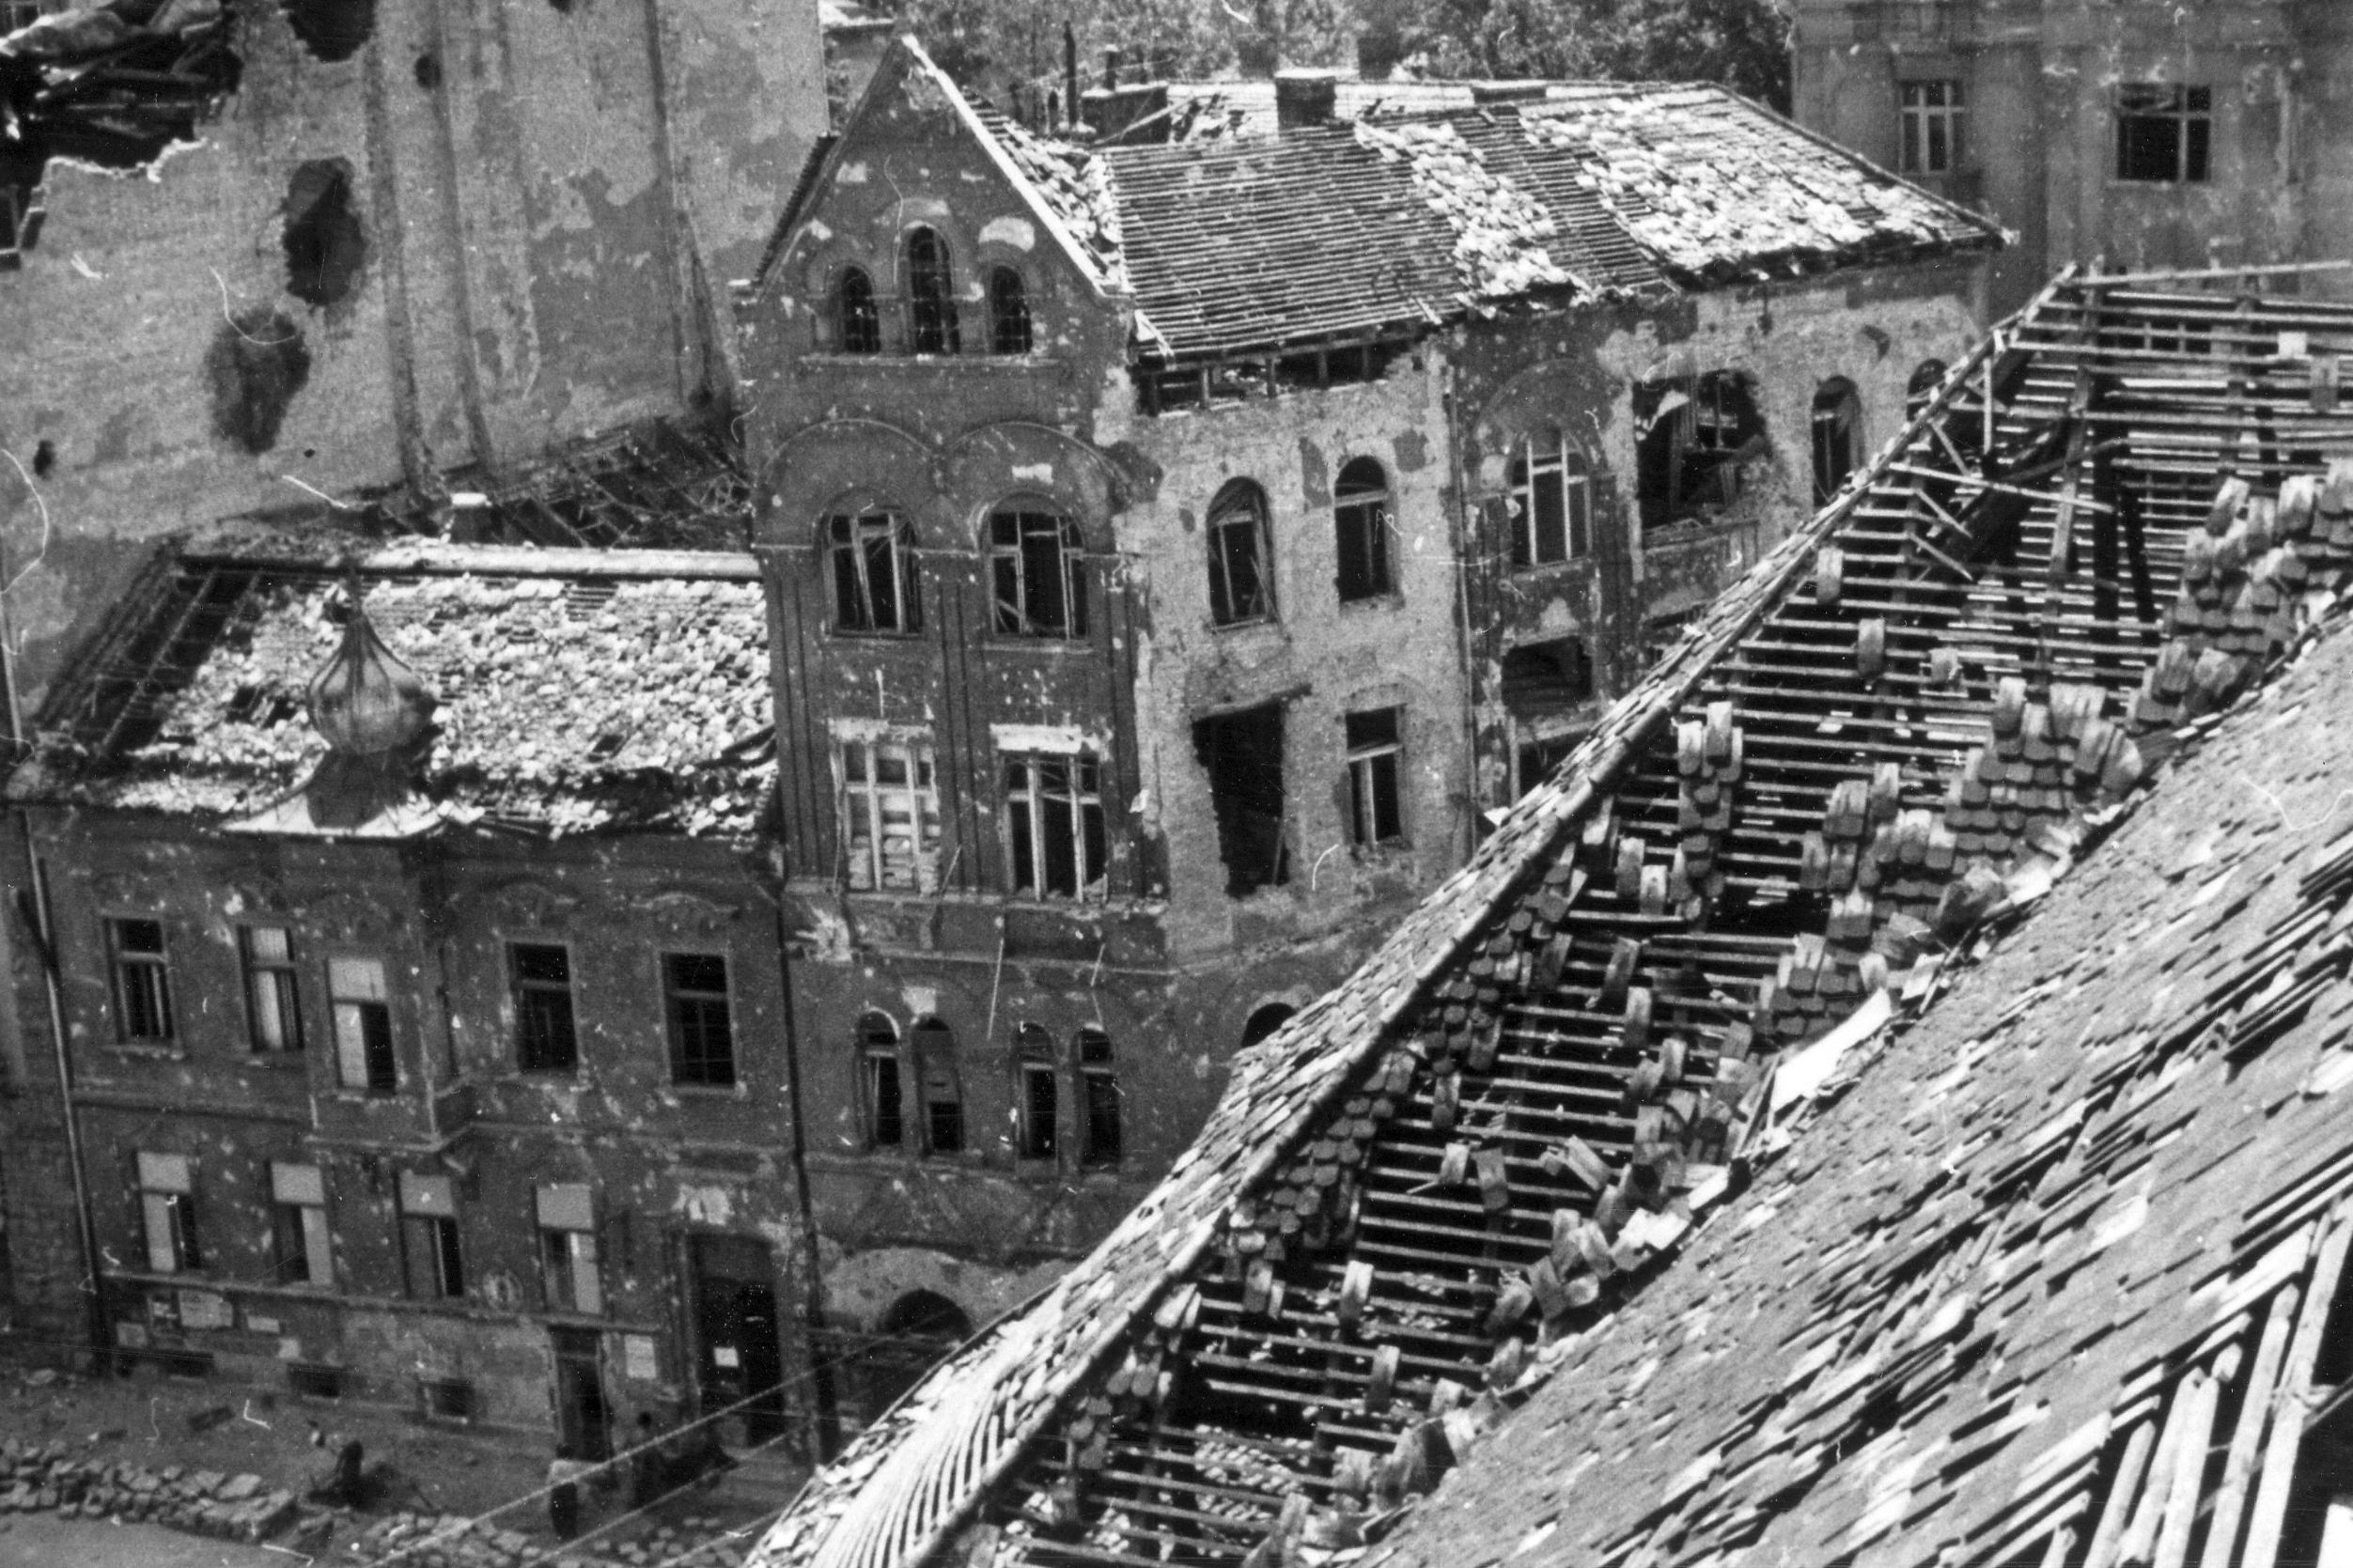 Az ostom alatt megsérült, de javítható állapotó Krisztina tér 8. számú hagymakupolás épület a kép bal alsó sarkában. (Fotó: Fortepan.hu/adományozó: dr. Kramer István, szerző: Kunszt János)